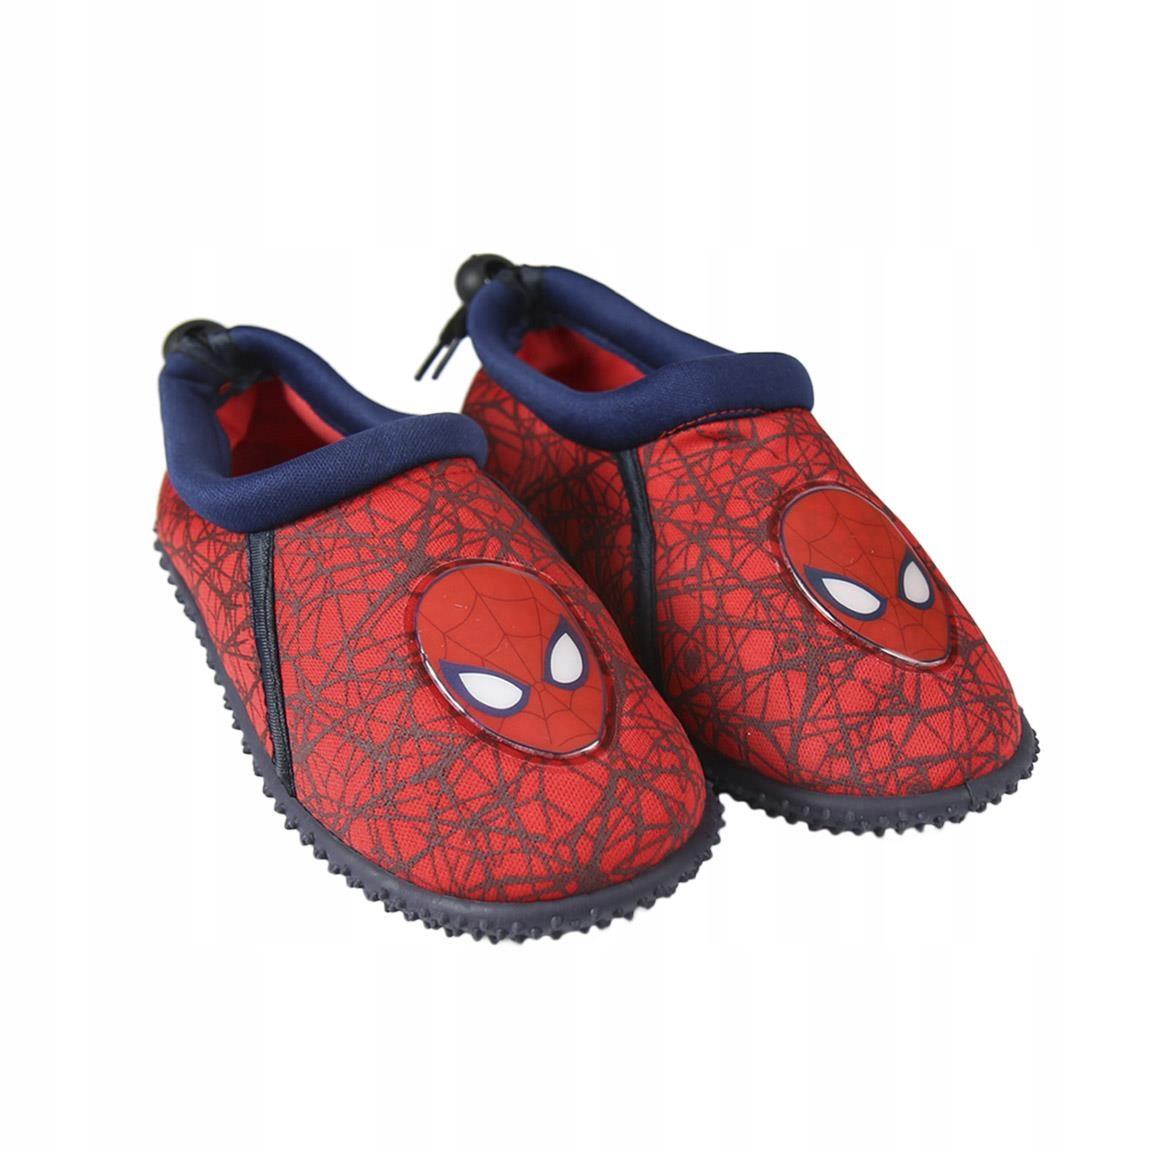 Buty do wody Spiderman : Rozmiar: - 30 Cerda